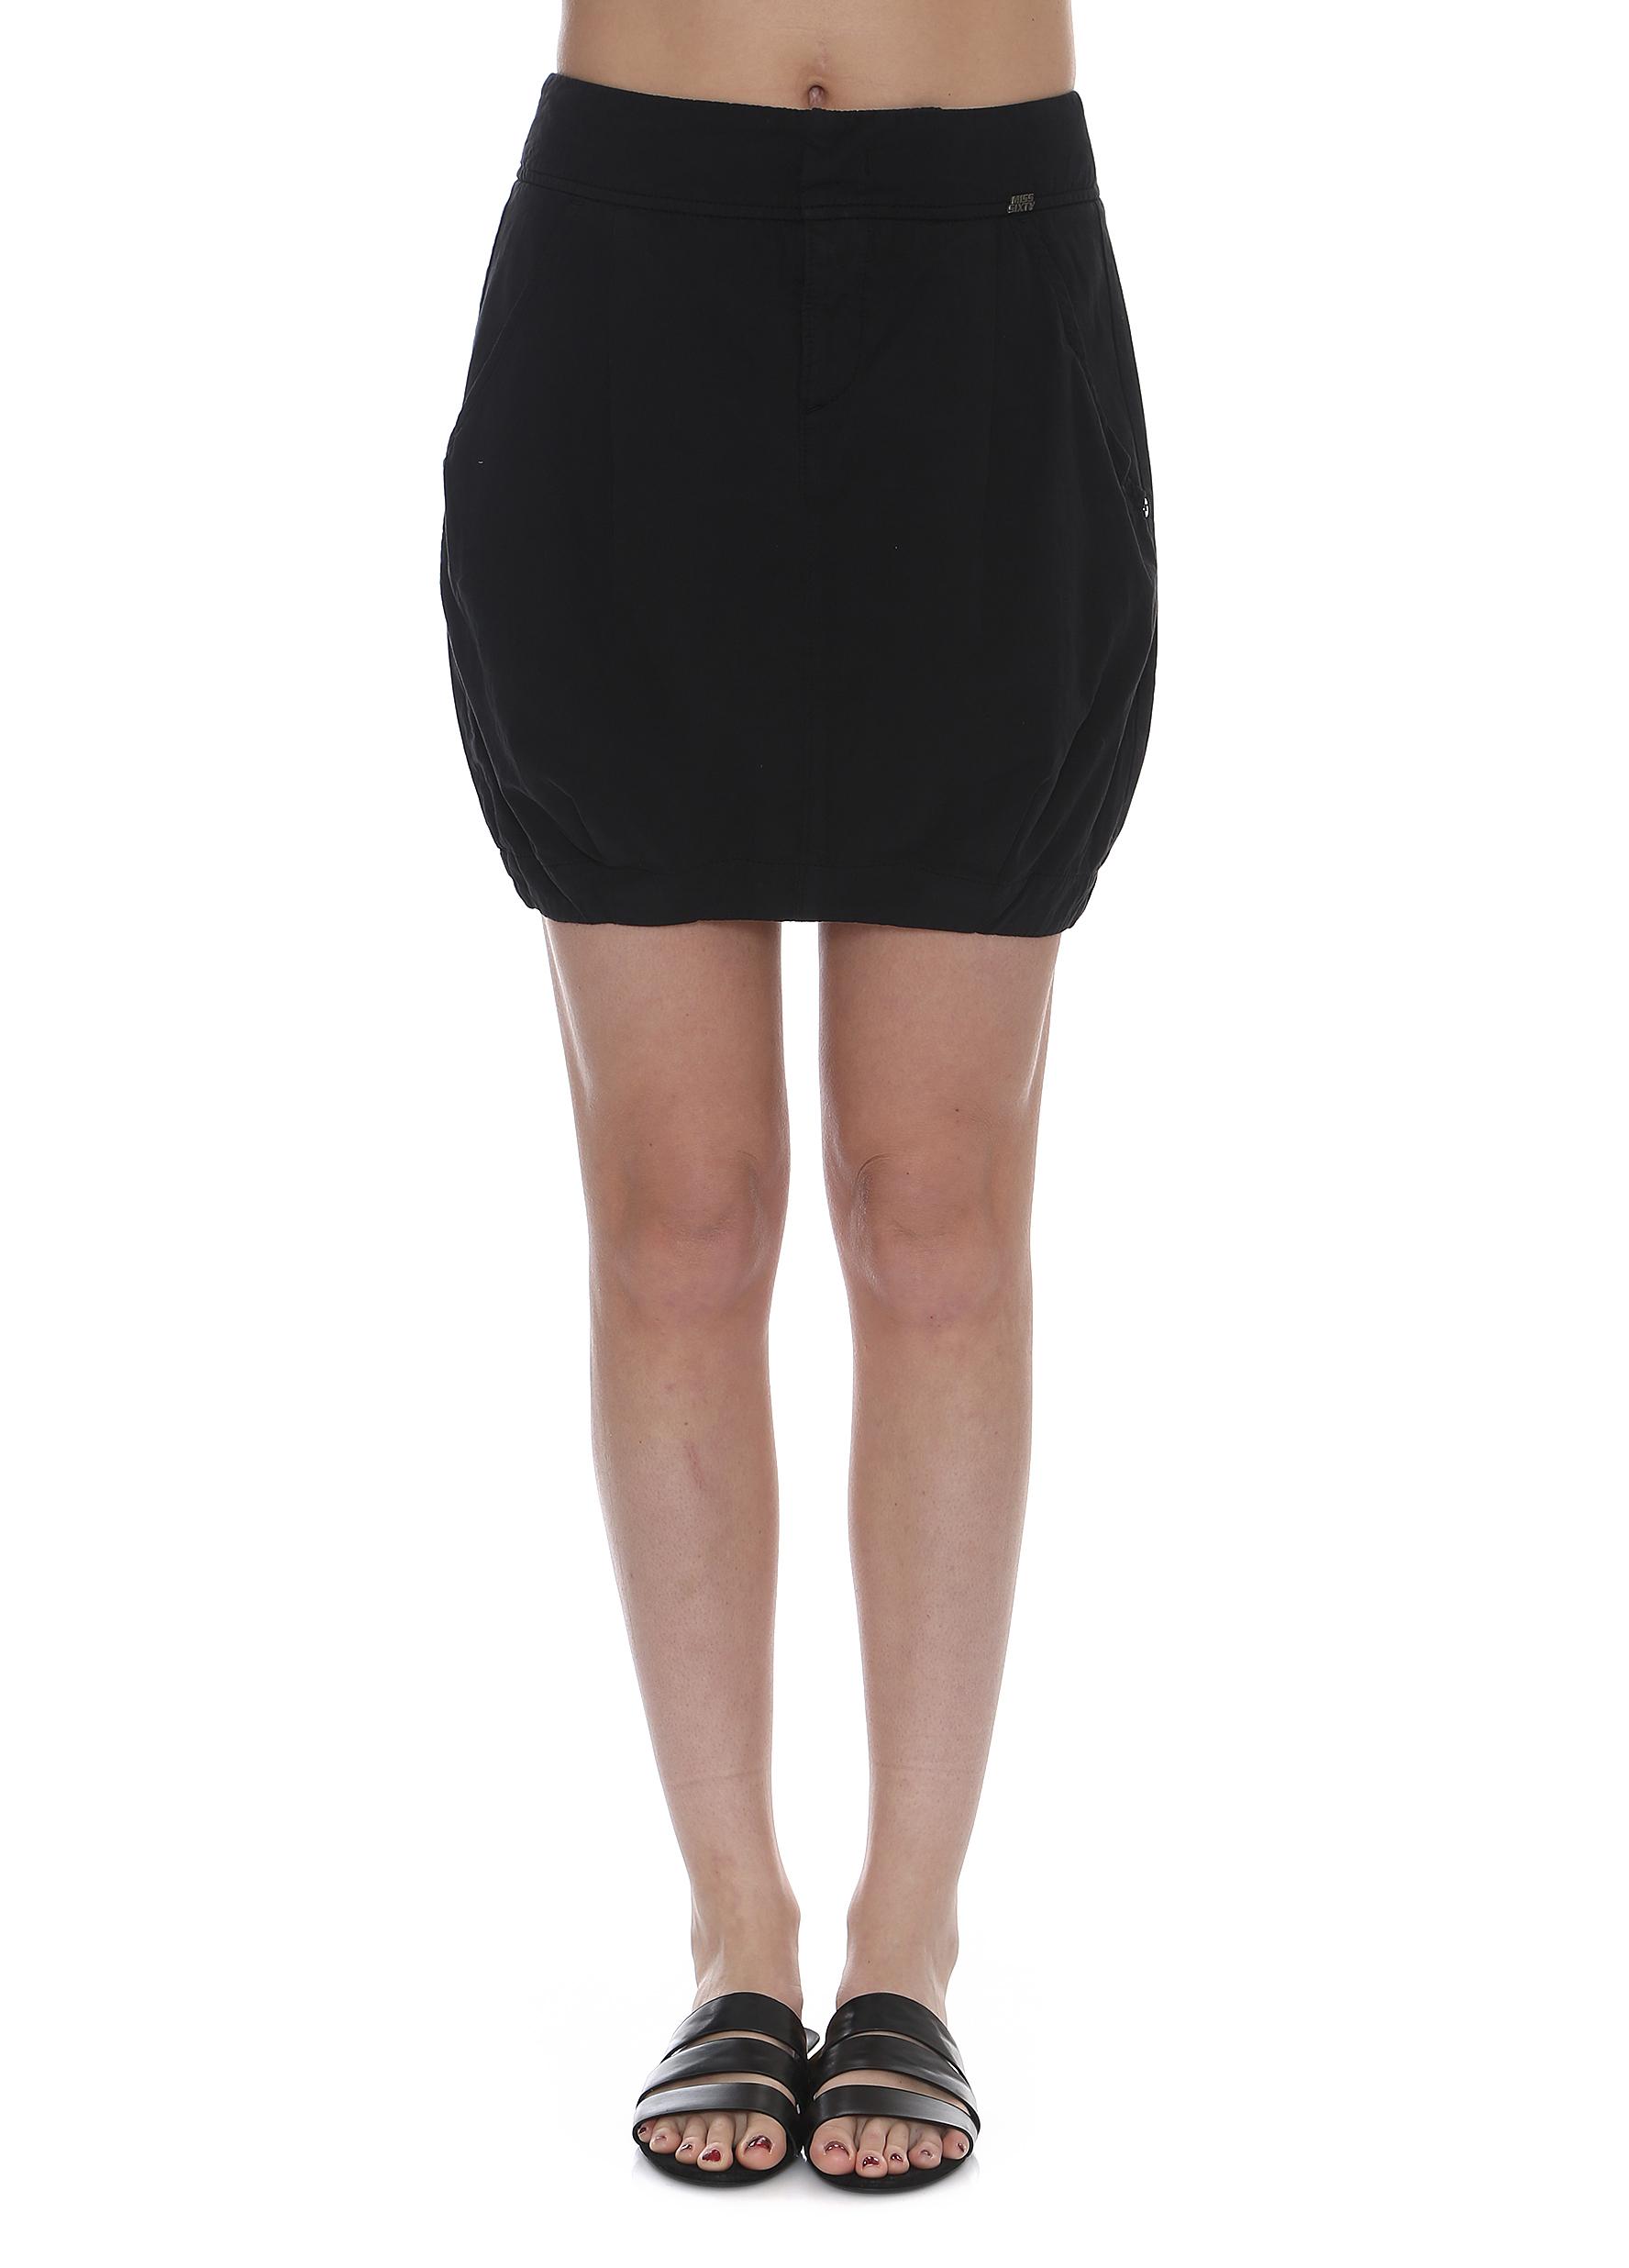 32a306f2e09d MISS SIXTY - Κορυφαία προϊόντα για Γυναικεία Ρούχα